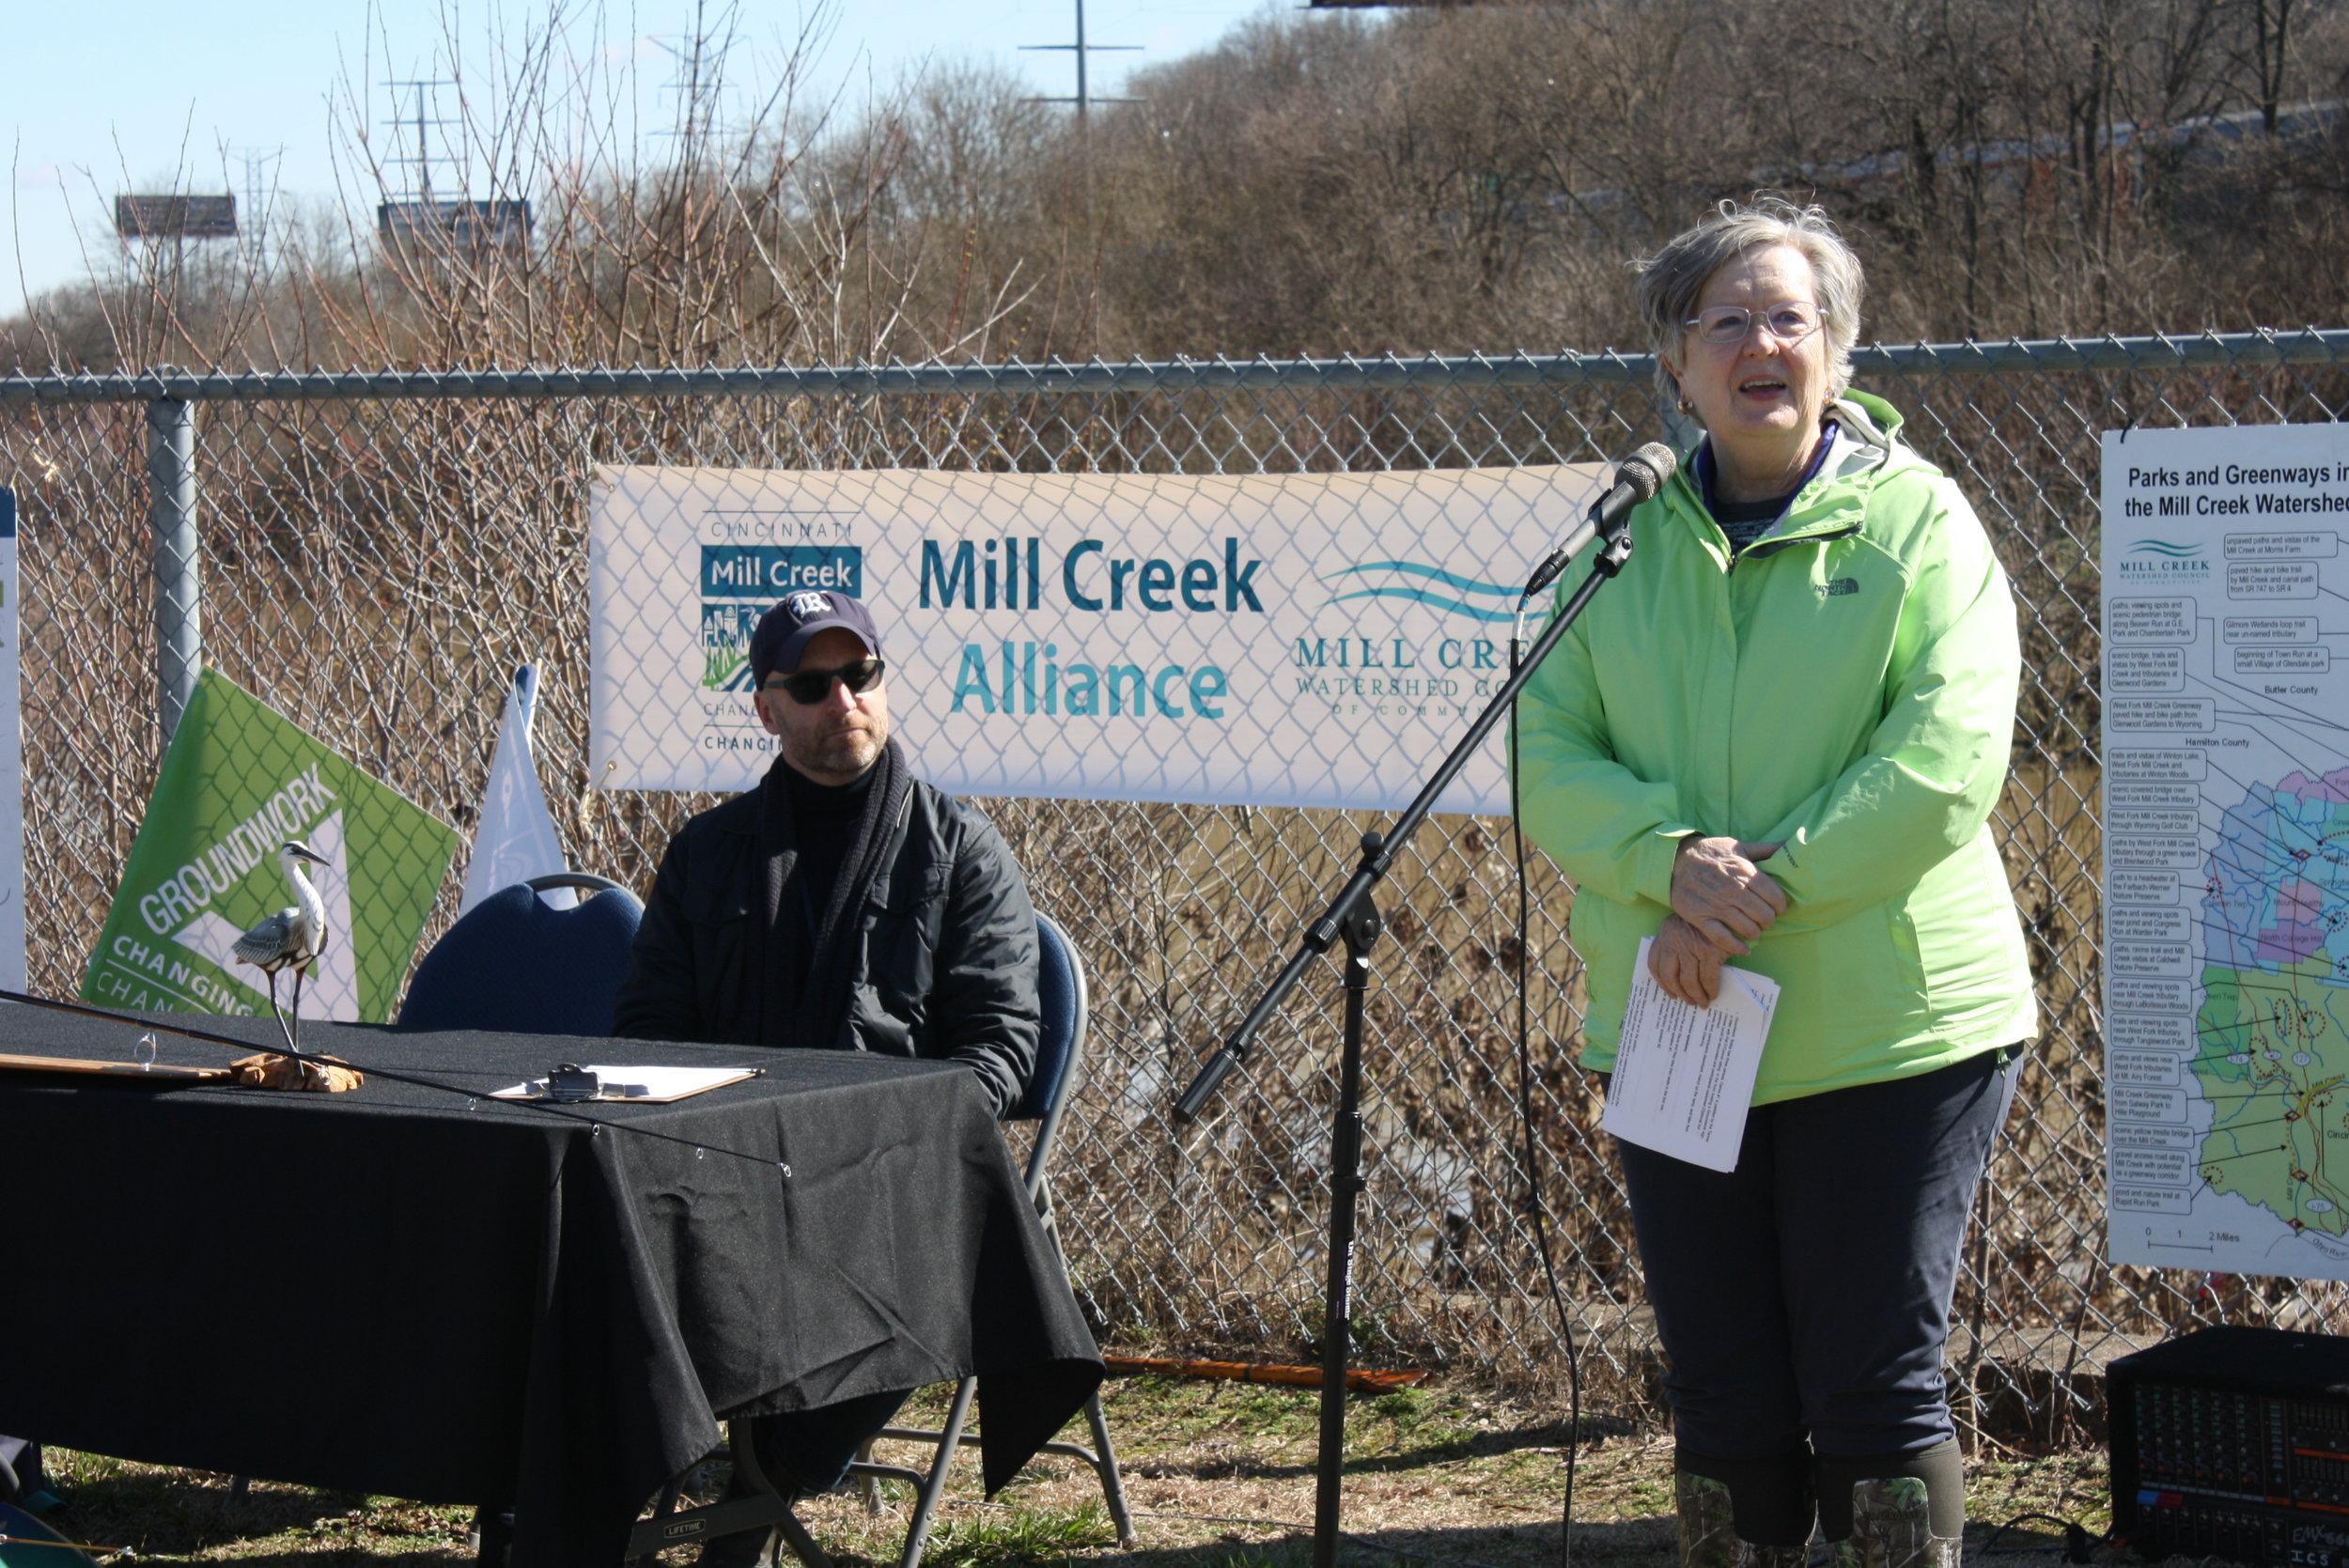 Mill Creek Alliance - press conf - Pat at mic.JPG